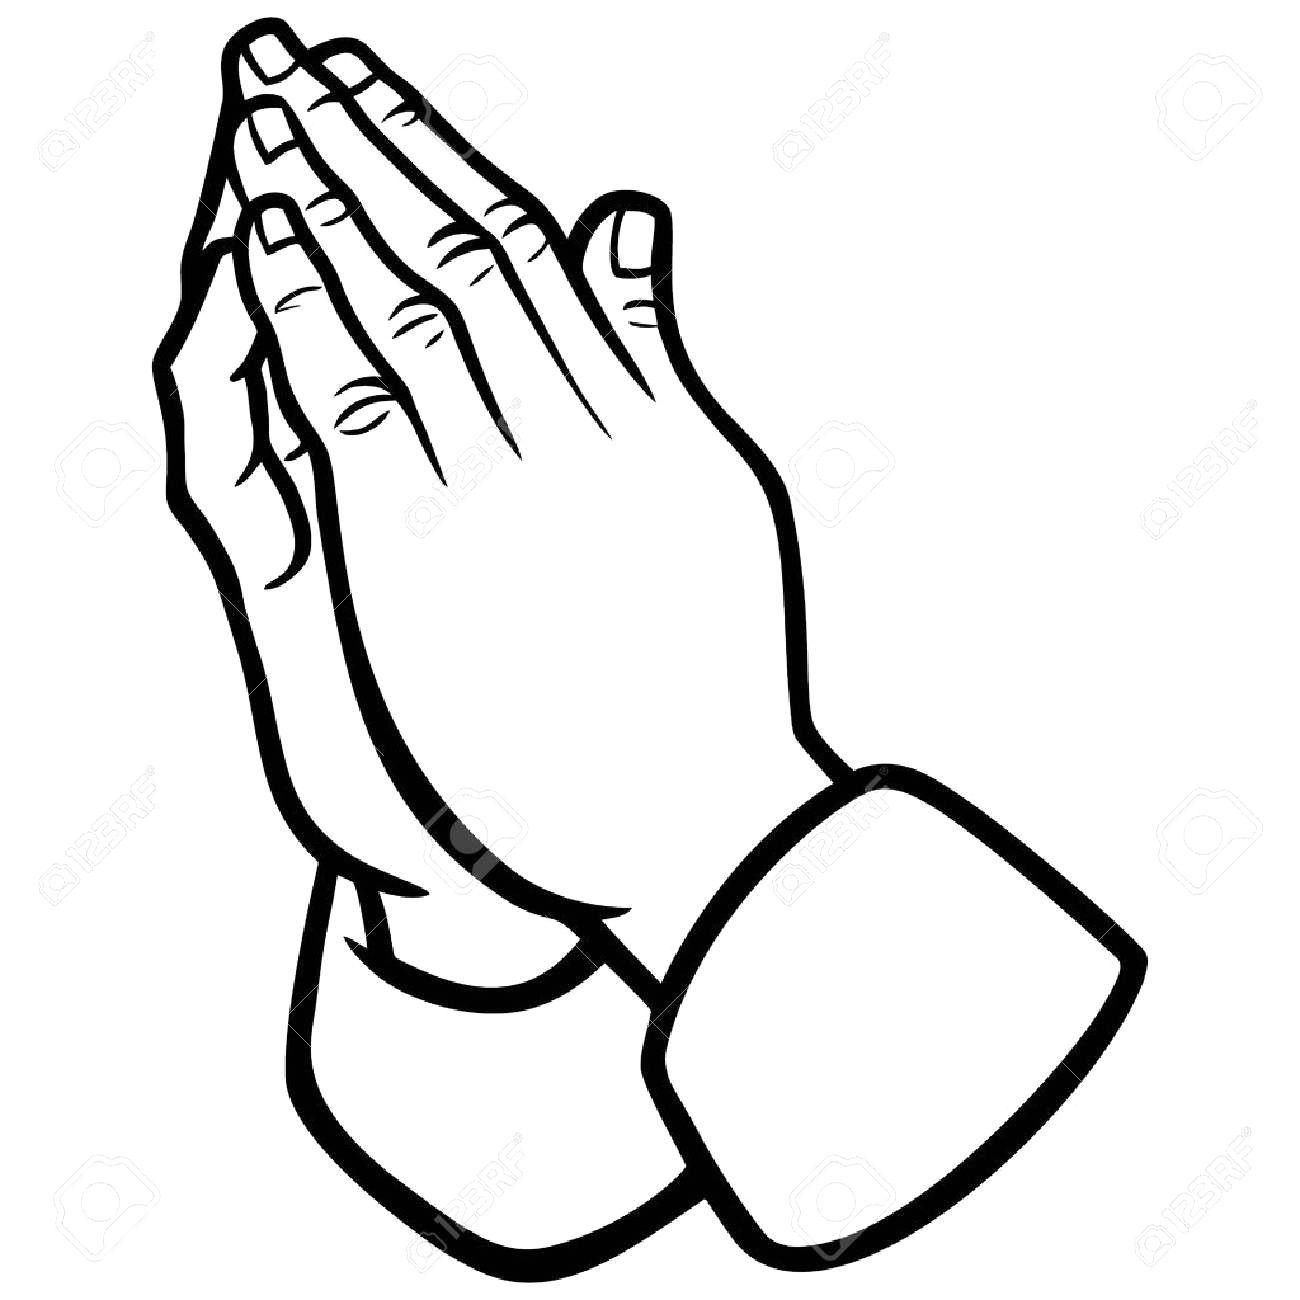 Praying Hands Drawing Tutorial 23 13 Praying Hands Drawing How To Draw Hands Prayer Hands Drawing